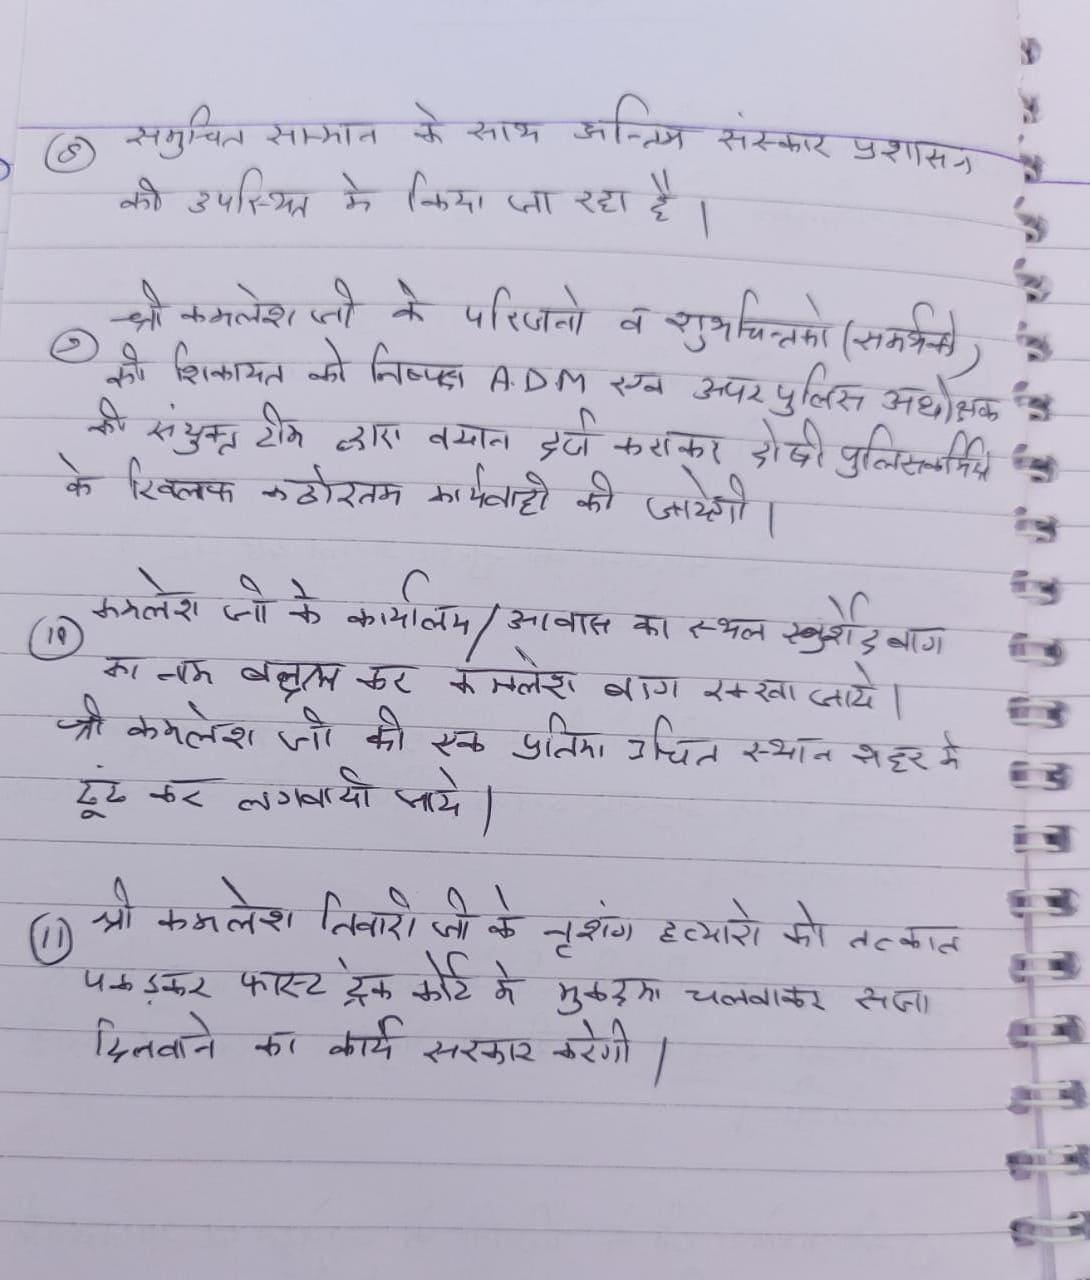 کملیش تیواری کے اہل خانہ کی جانب سے پیش کی گئی یادداشت۔(تصویر:نیوز18)۔